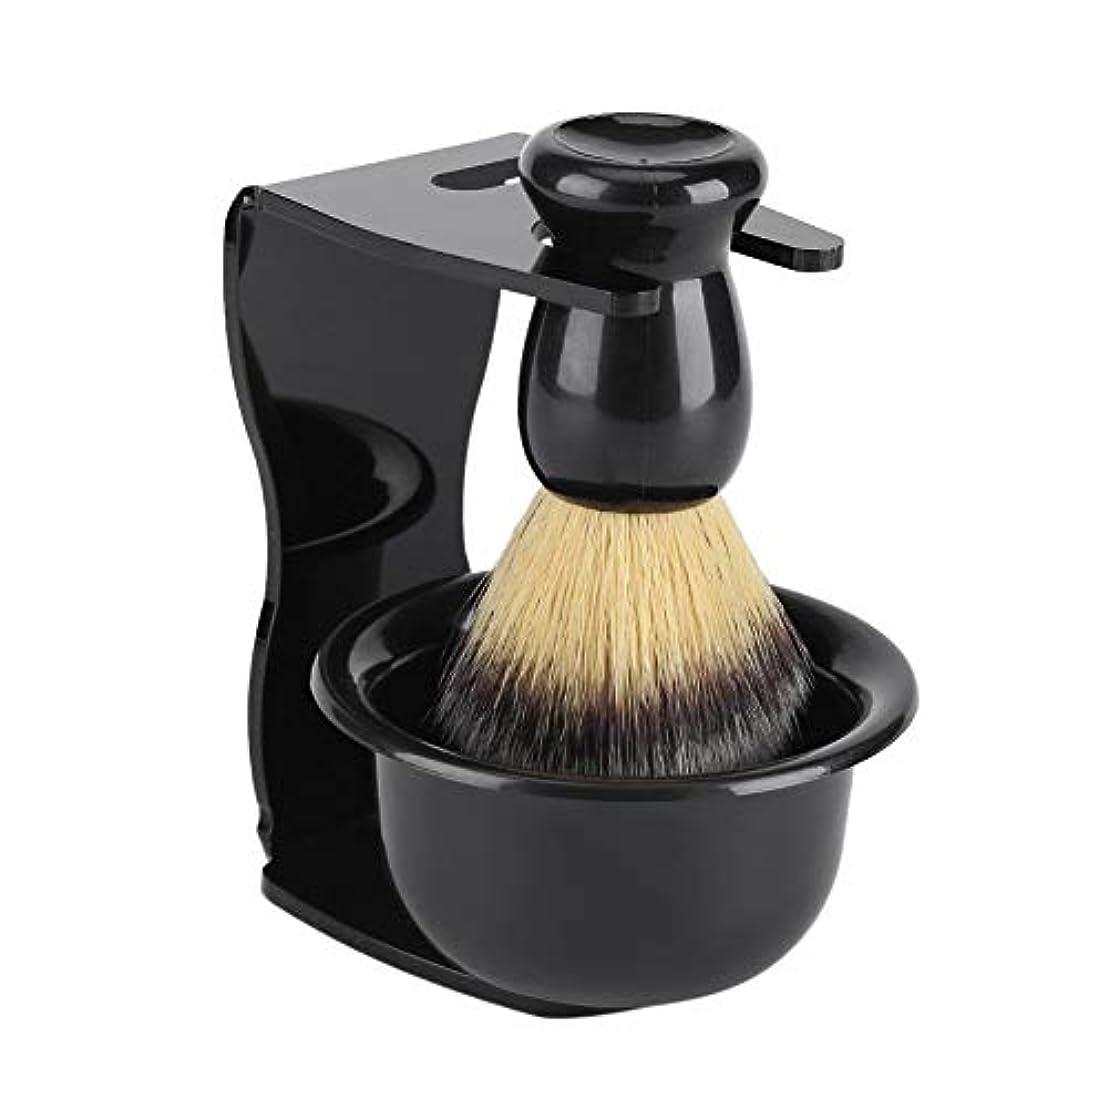 フレッシュ過言フィヨルド3セットひげブラシ シェービングブラシ プレゼントシェービングブラシセット プラシスタンド 石鹸ボウル 理容 洗顔 髭剃り